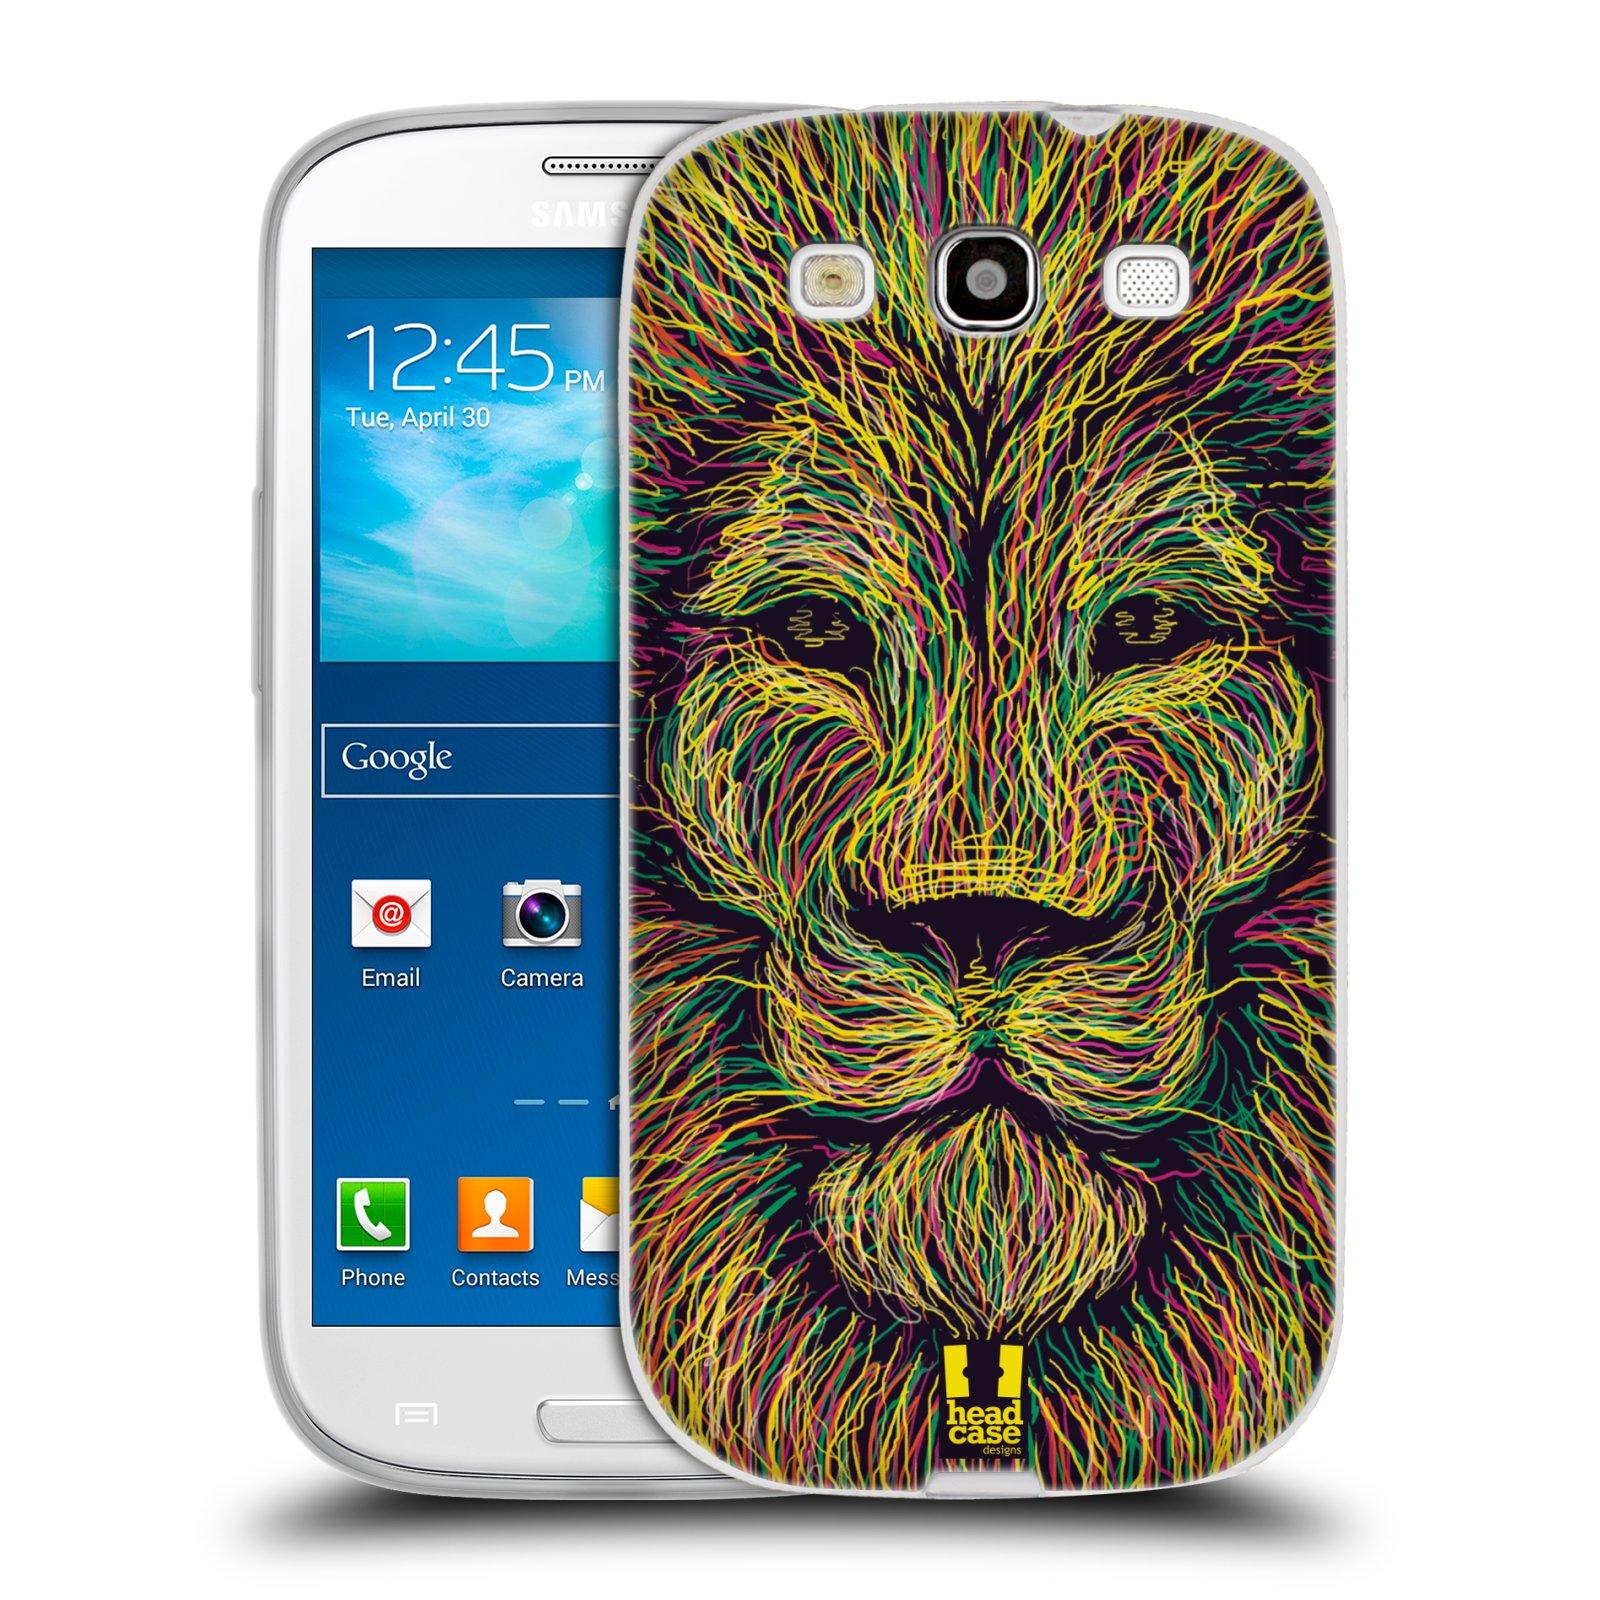 Silikonové pouzdro na mobil Samsung Galaxy S3 Neo HEAD CASE SCRIBBLE LEV (Silikonový kryt či obal na mobilní telefon Samsung Galaxy S3 Neo GT-i9301i)